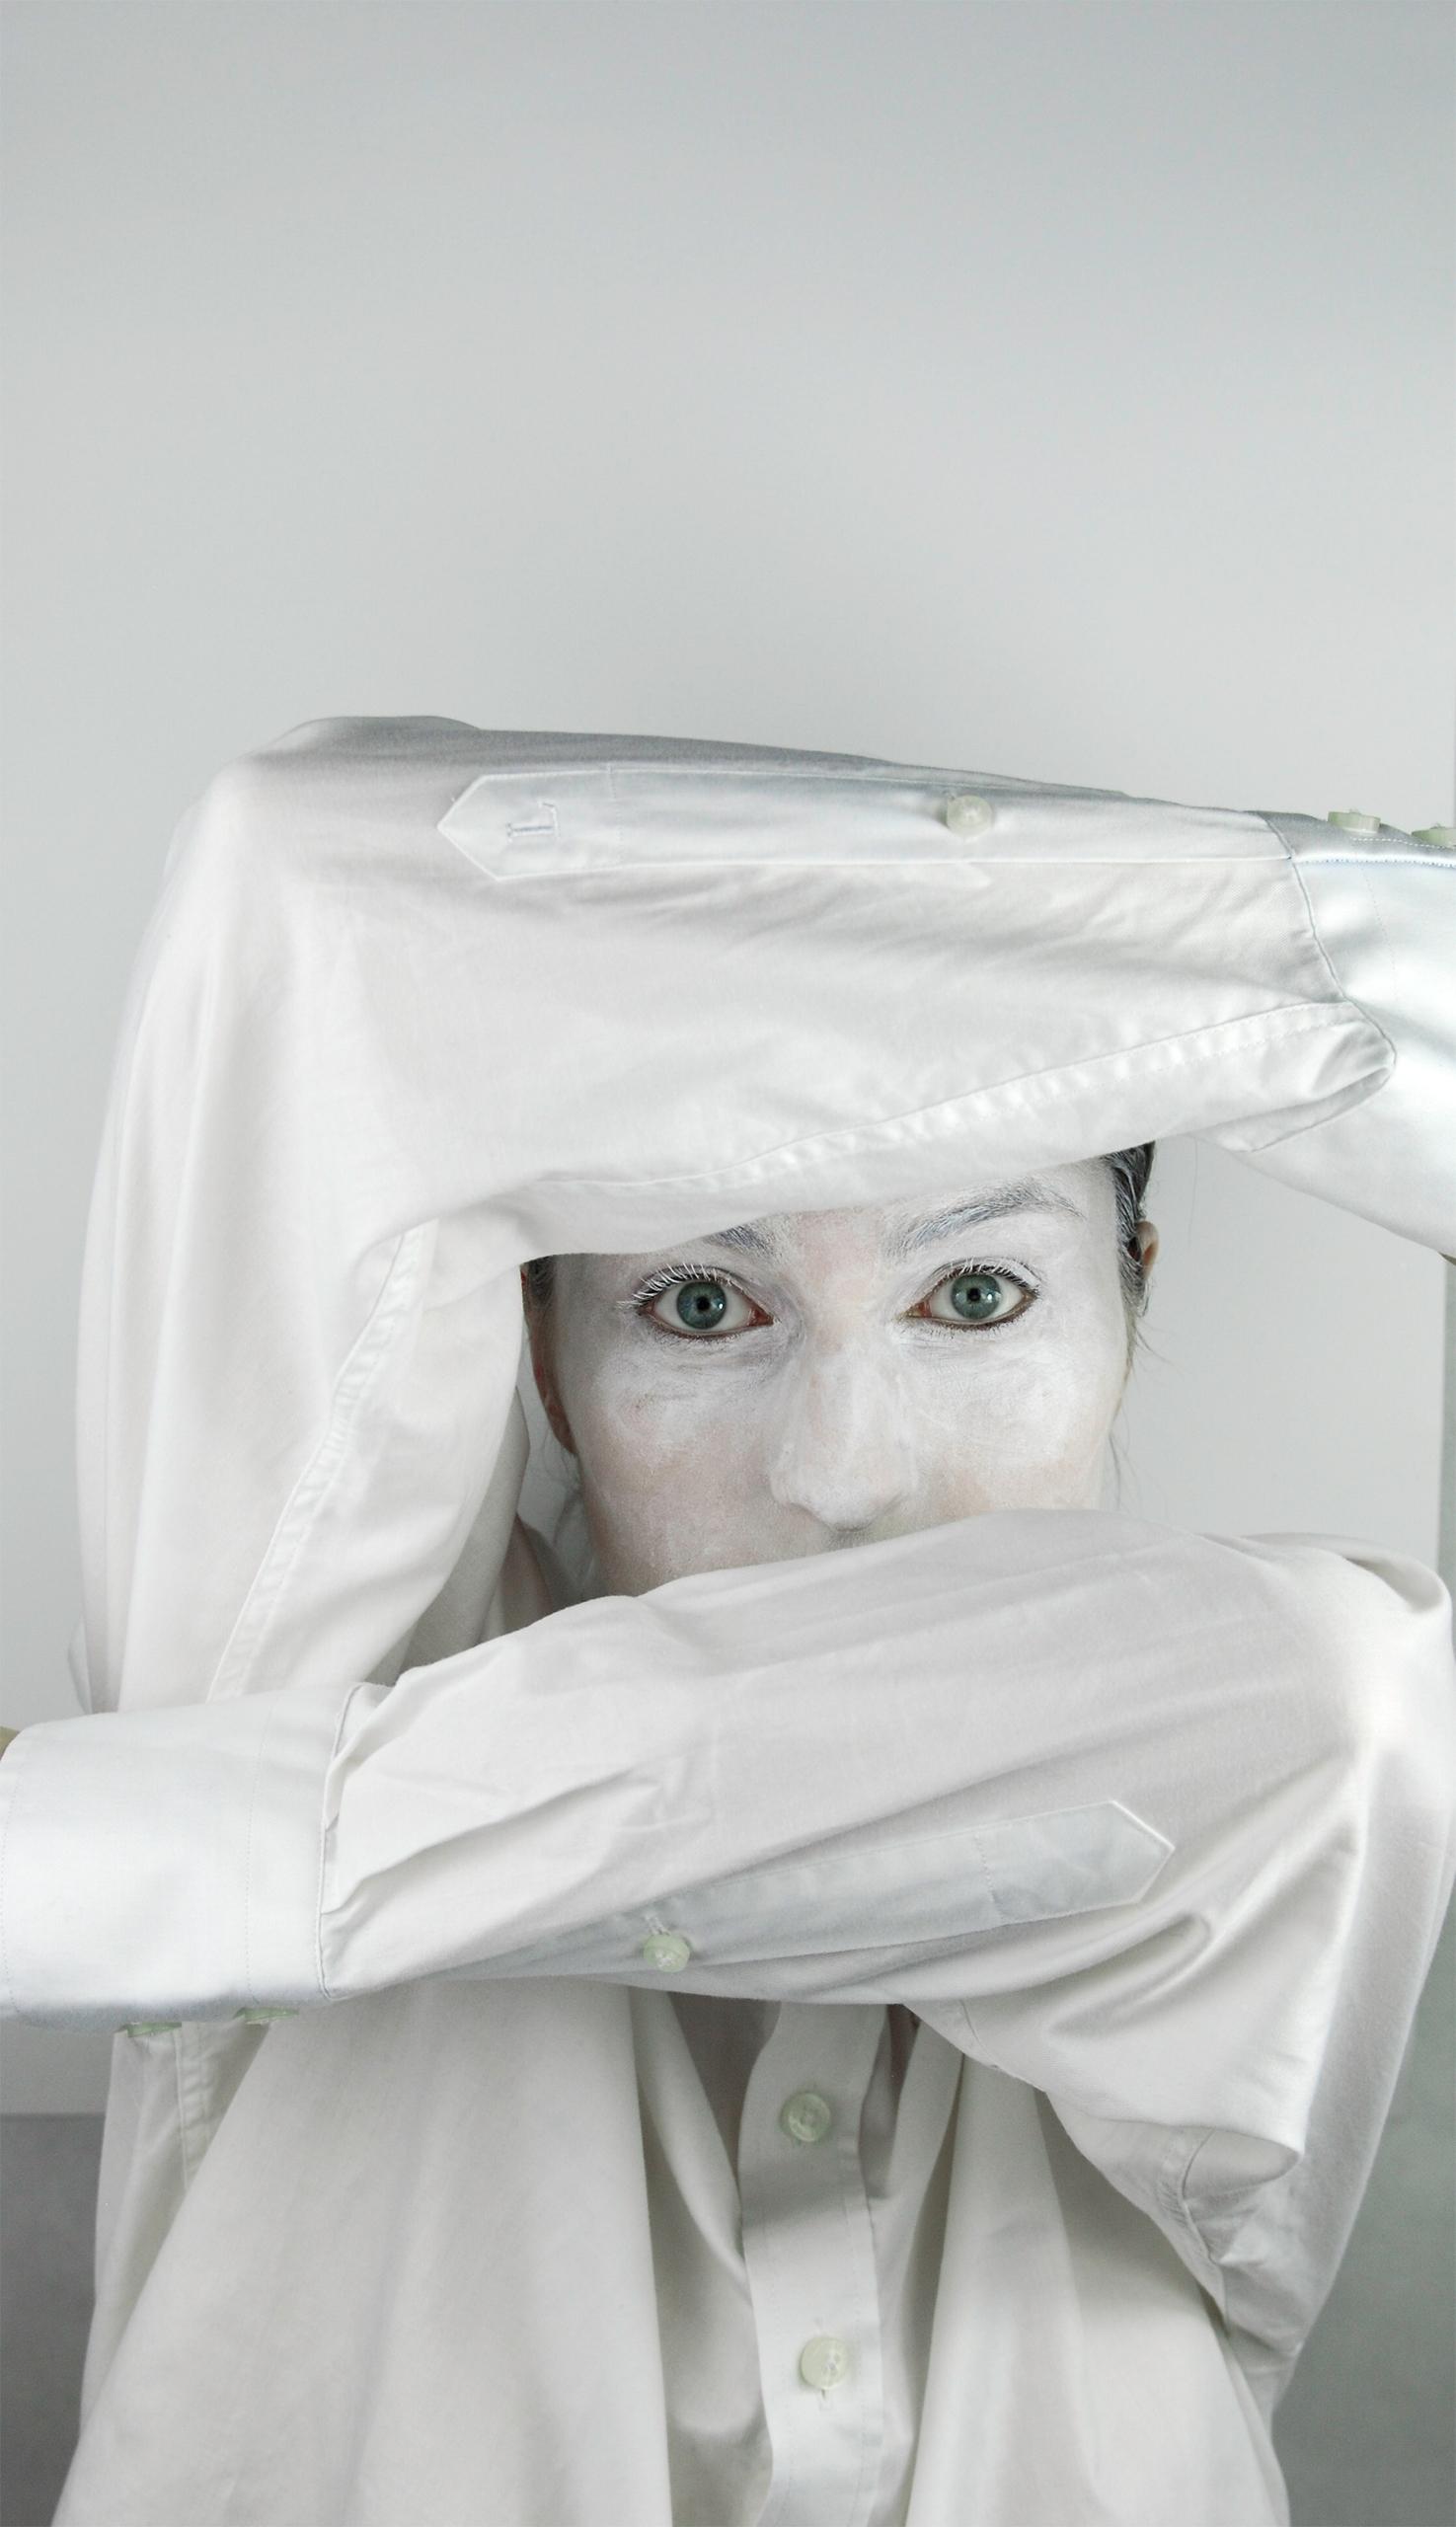 Zdjęcie przedstawia postać pomalowaną na biało, która zasłania twarz rękami w białej koszuli.